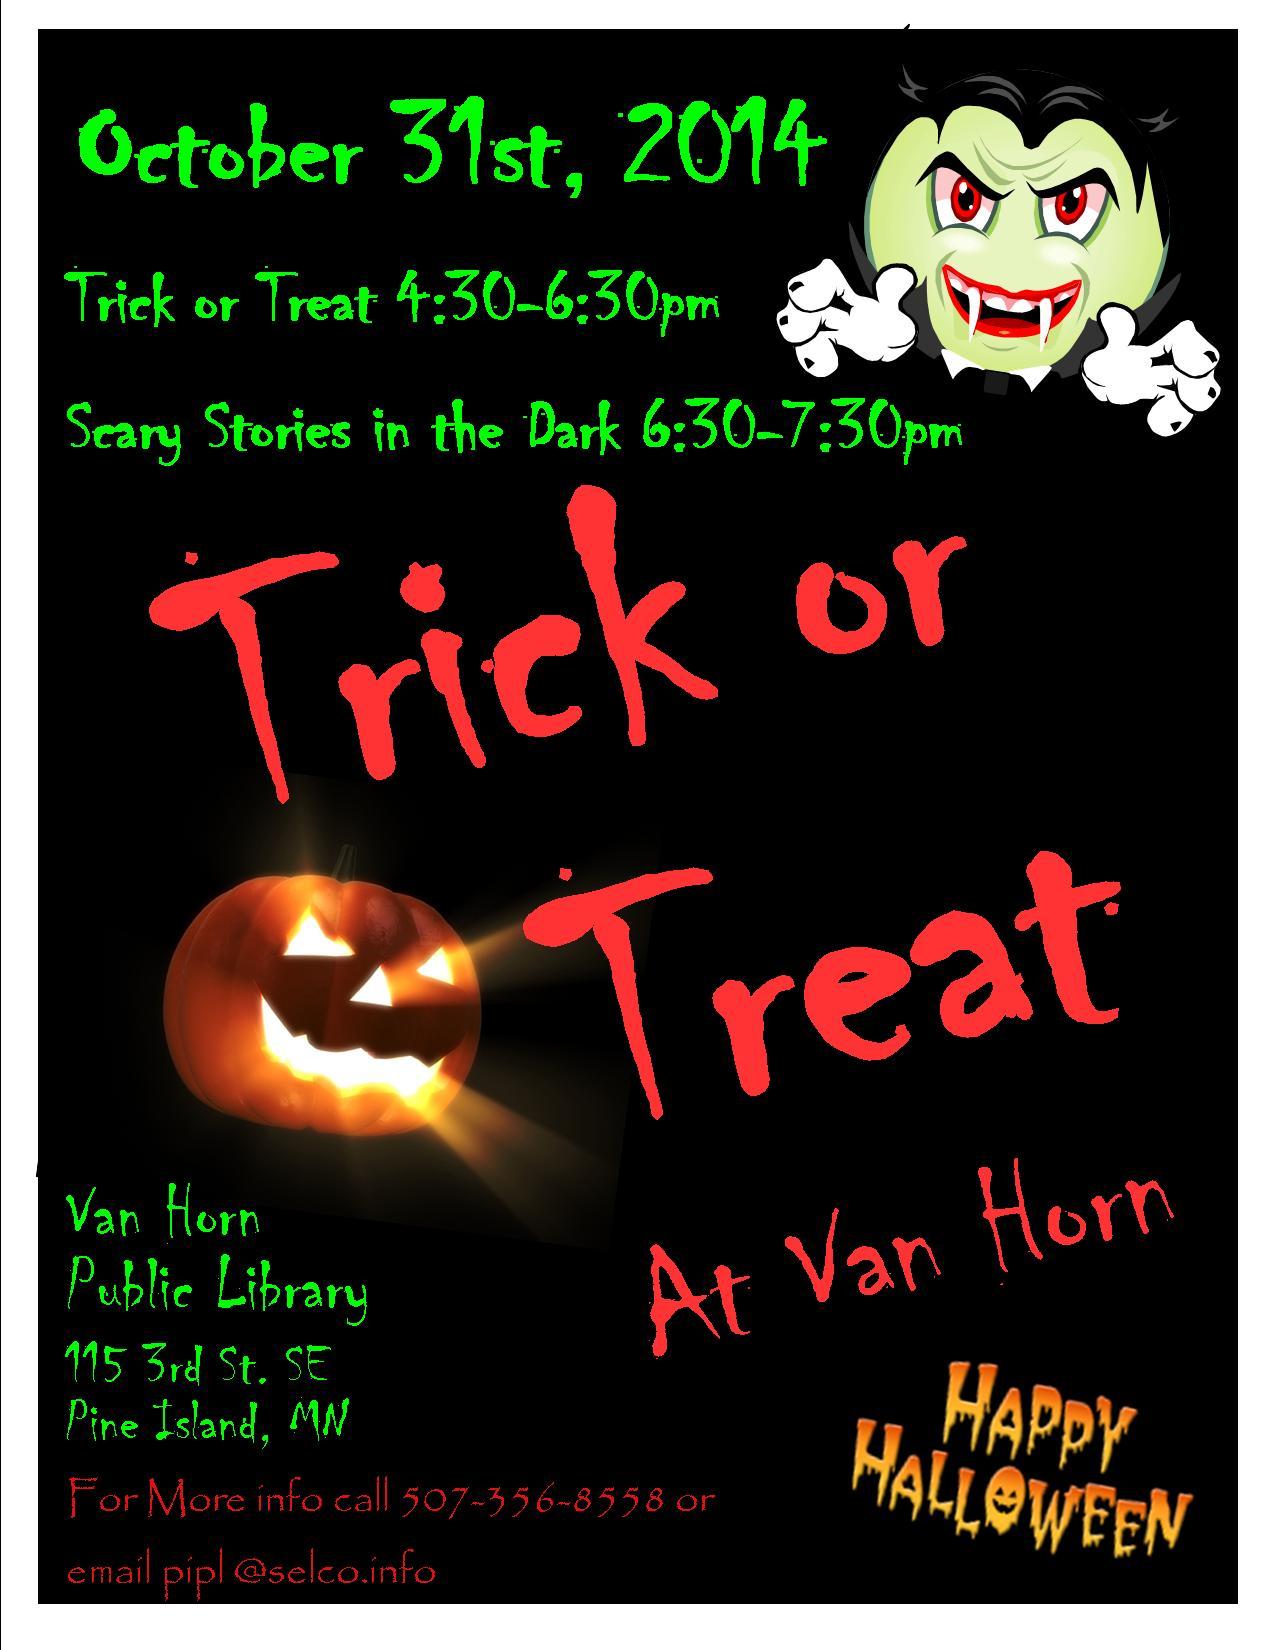 Halloween 2014 flyer